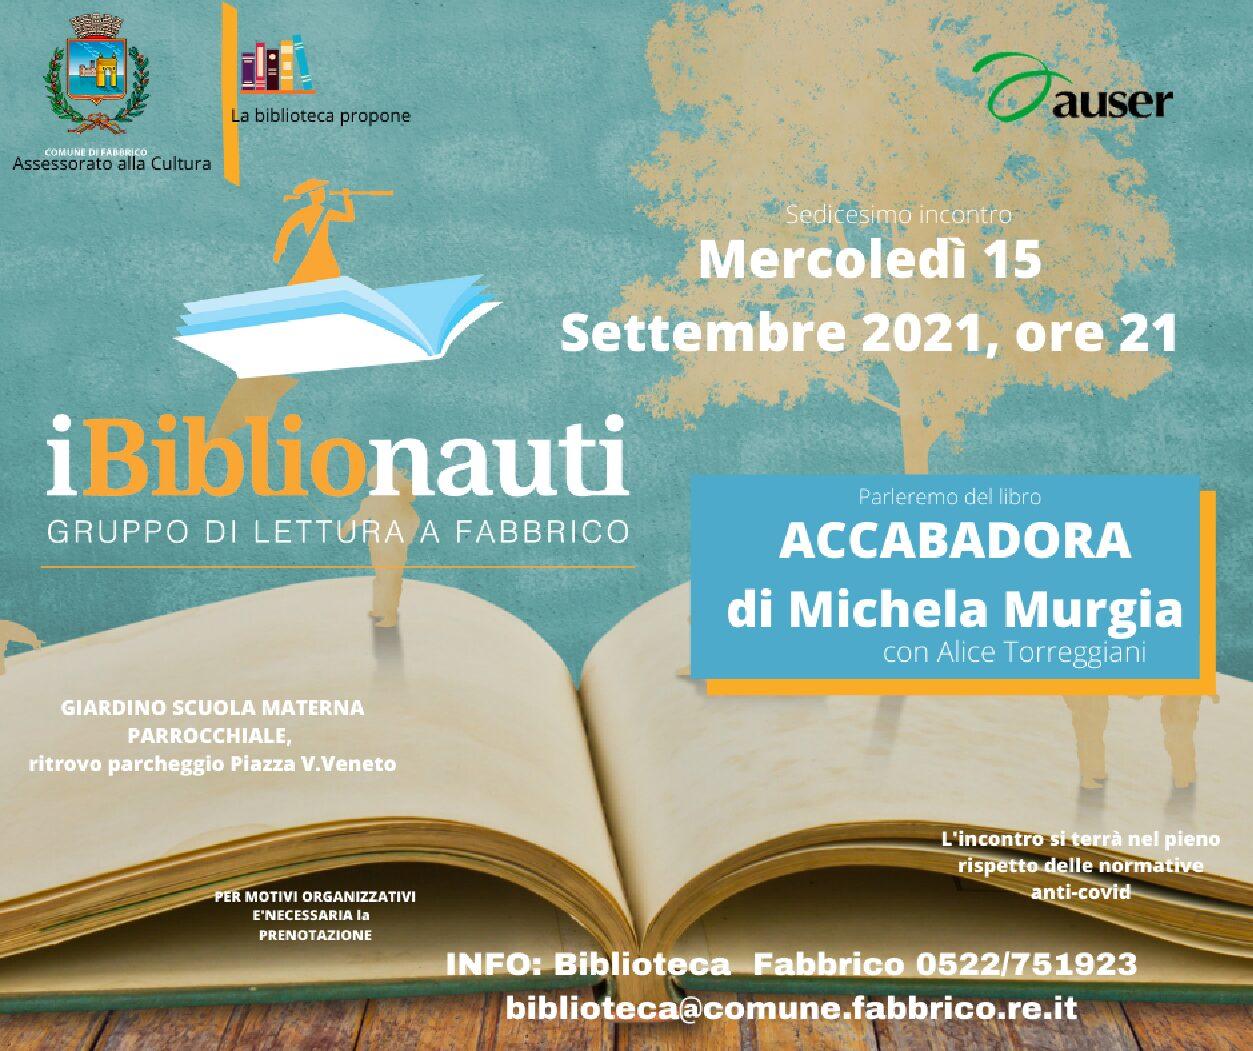 """GRUPPO DI LETTURA """"i biblionauti"""""""